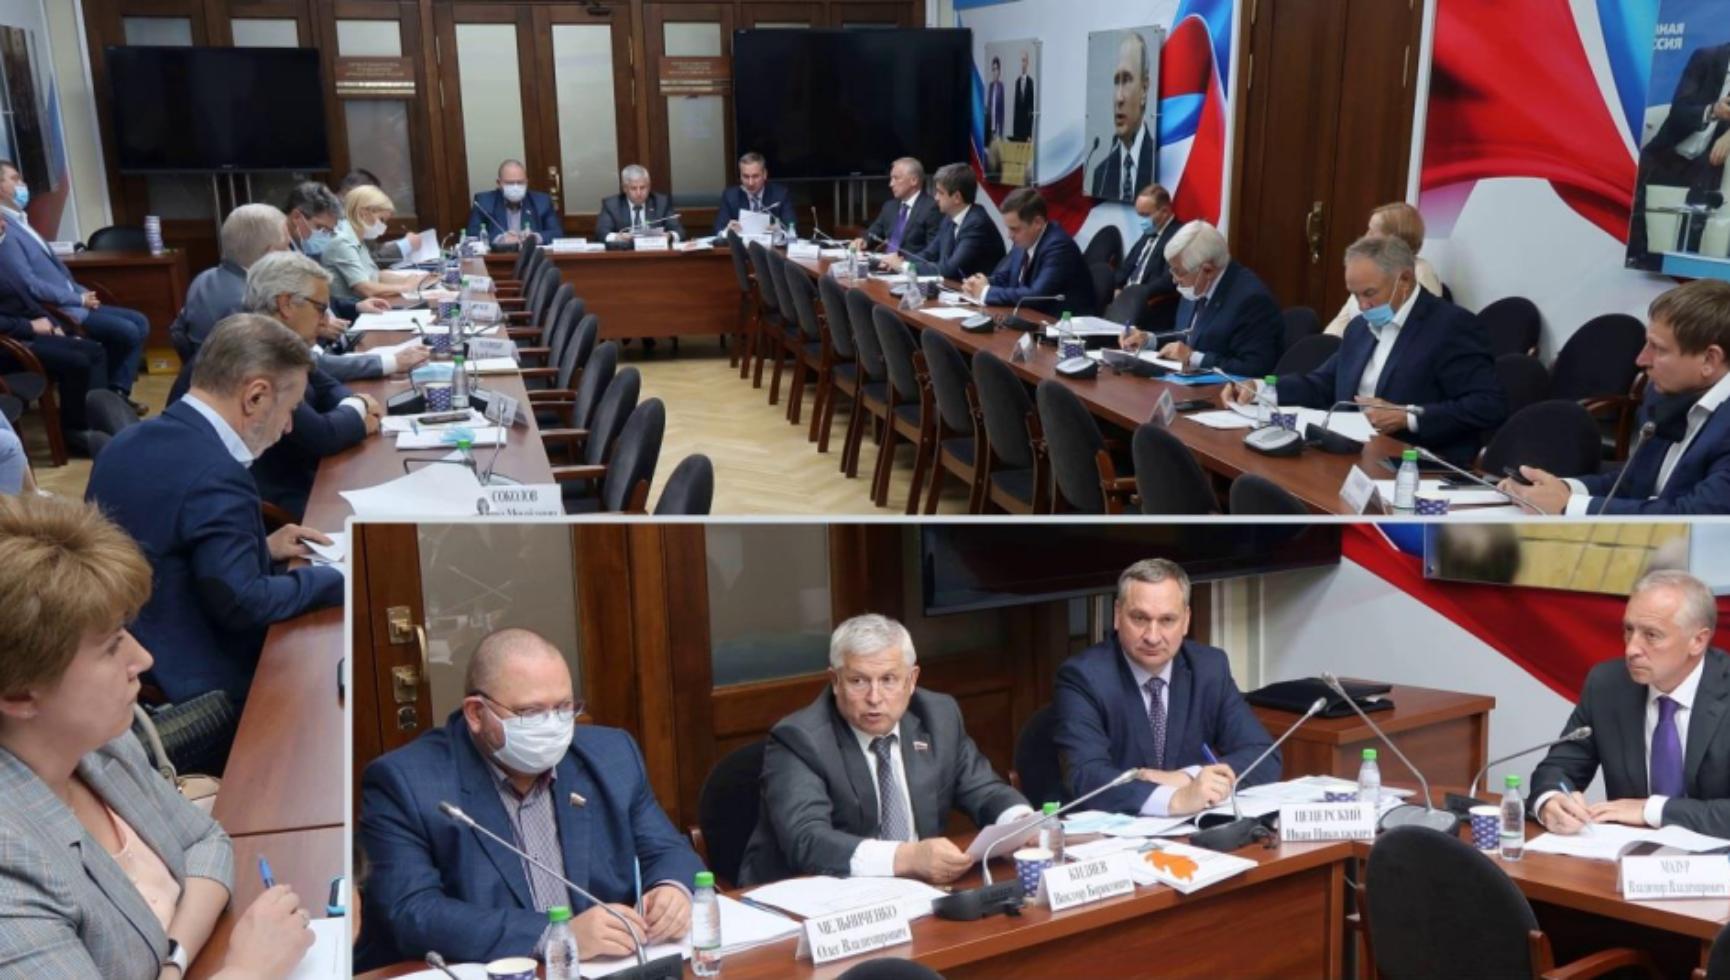 Заседание Высшего Совета и Президиума Высшего Совета Всероссийской ассоциации развития местного самоуправления